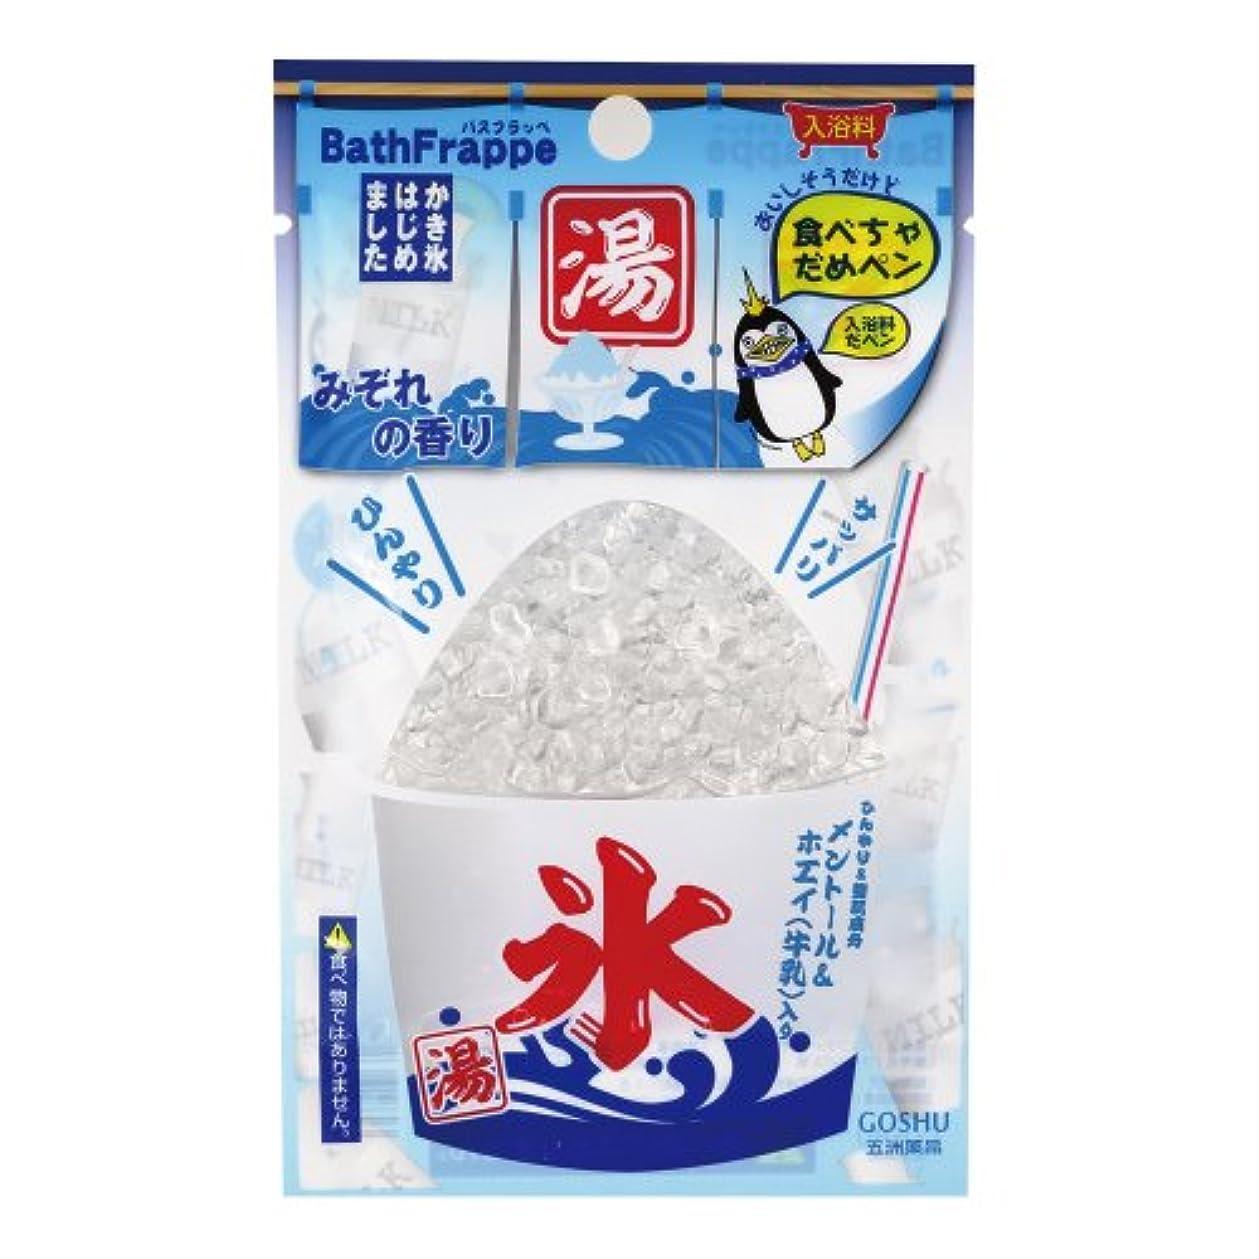 結婚するに熟達五洲薬品 かき氷風入浴剤 バスフラッペ みぞれの香り 1箱(10包入)